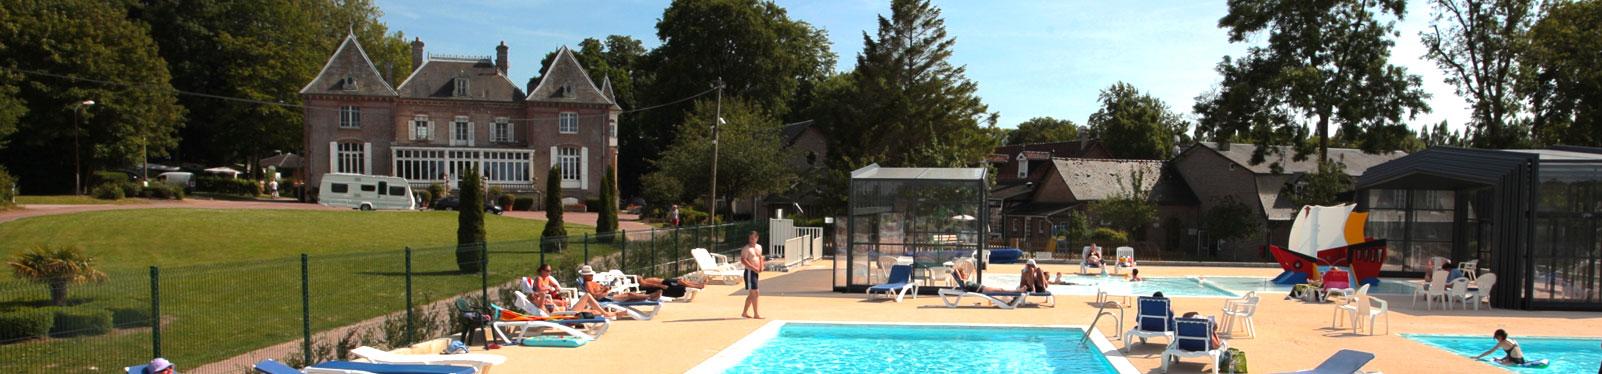 Camping Domaine de Drancourt